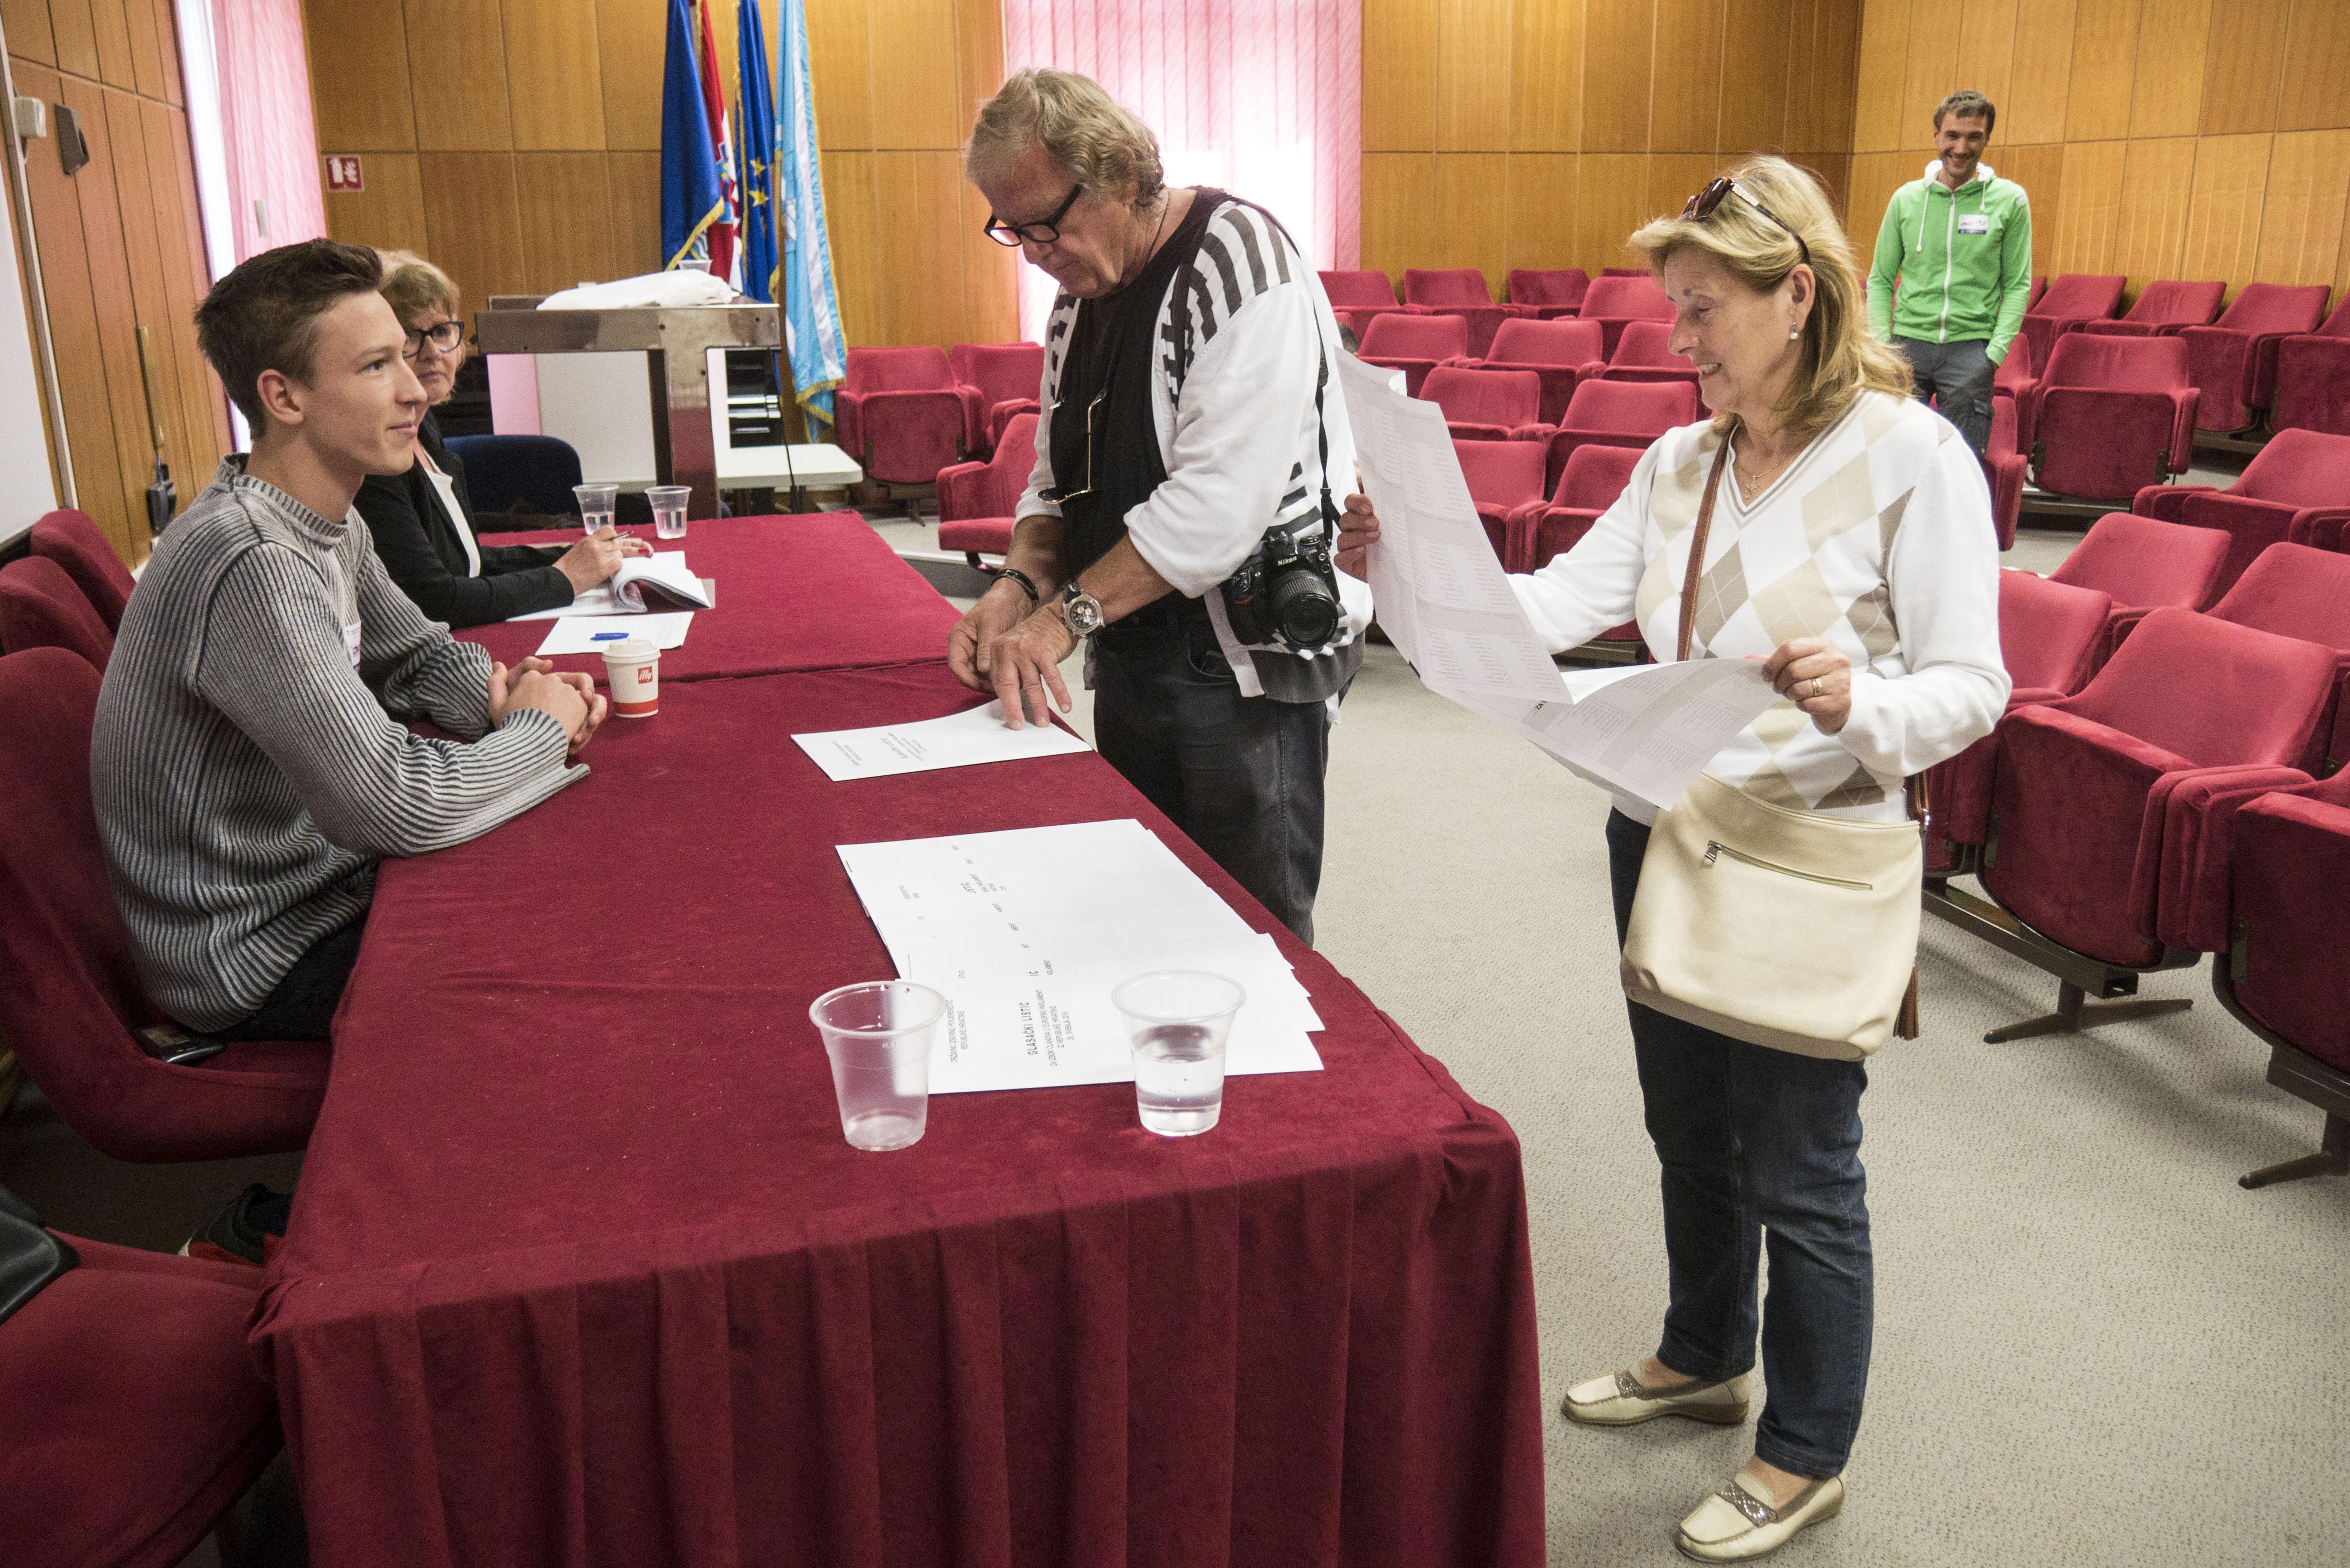 Opatijski birači 26. svibnja na izbornom mjestu u Villi Antonio / Snimio Marin ANIČIĆ